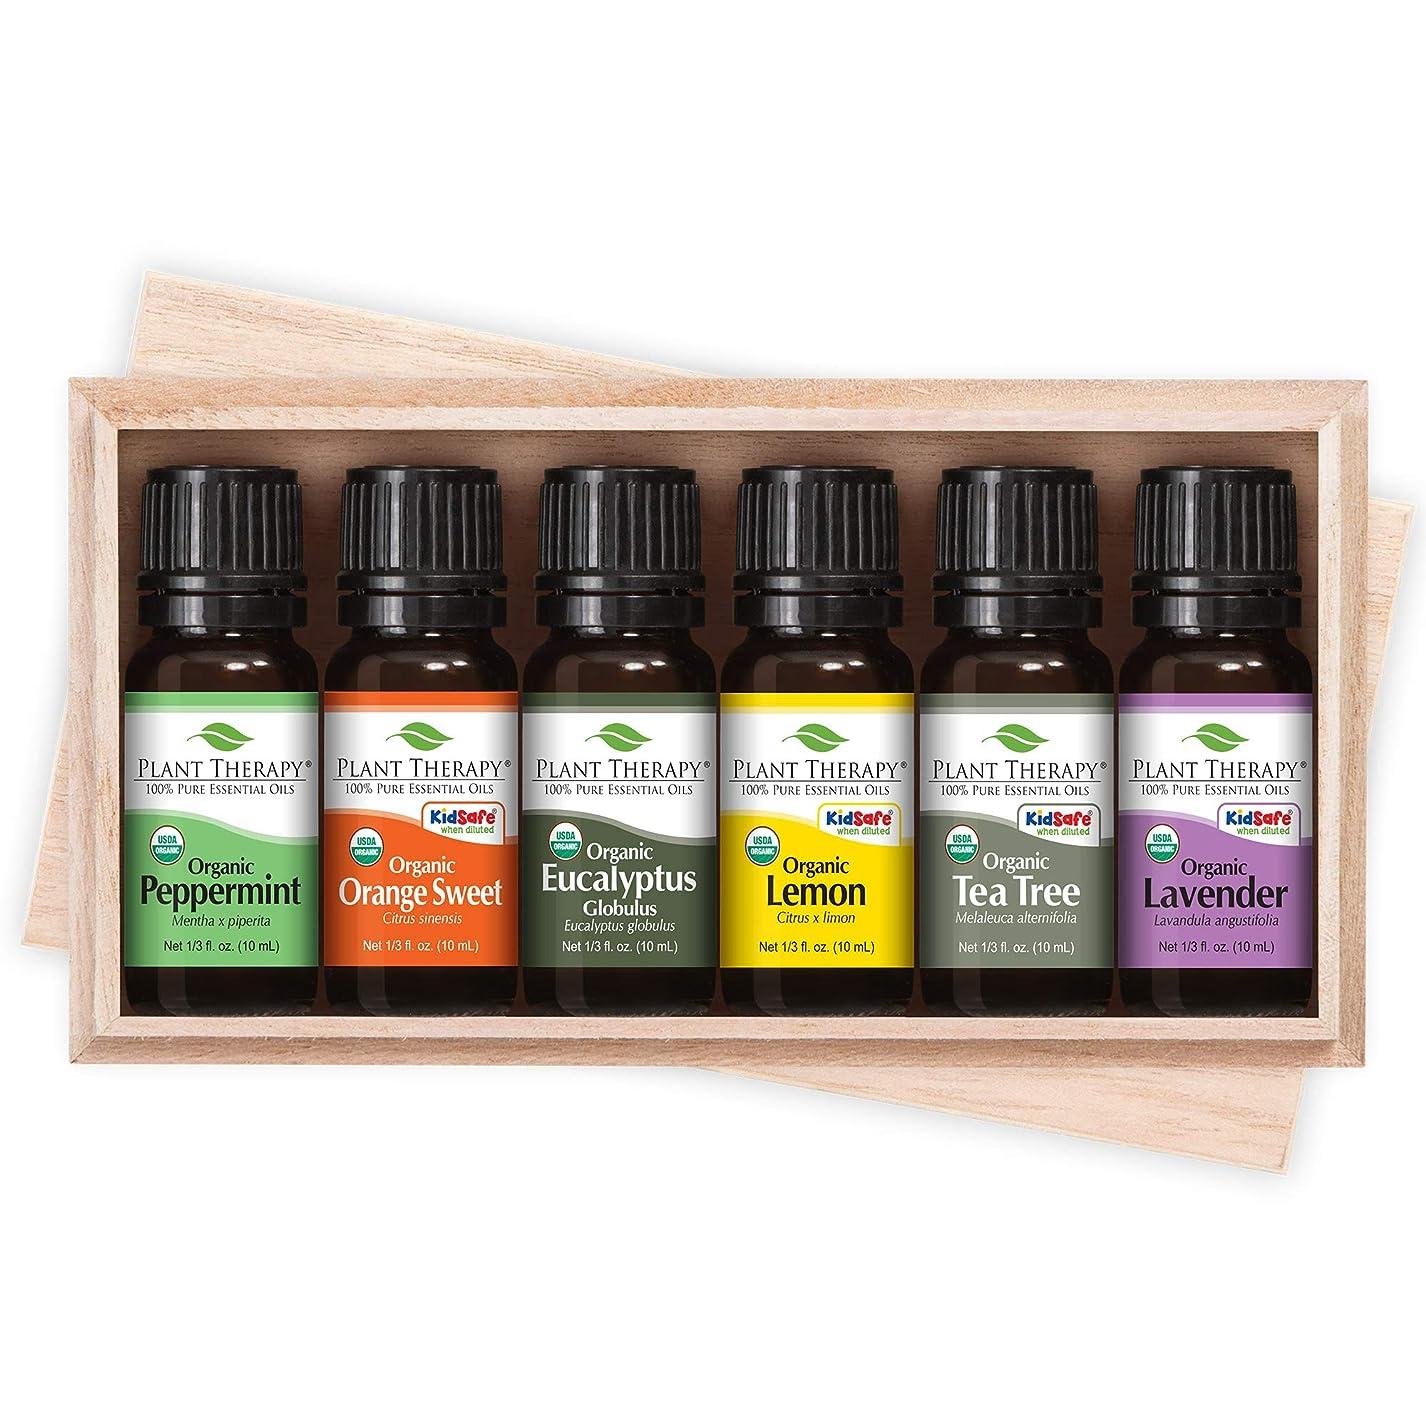 血統ヒューズ出来事植物セラピートップ6 USDA認定オーガニックエッセンシャルオイルを設定します。含まれるもの:ユーカリ、ラベンダー、オレンジ、ペパーミント、レモンやティーツリーを。 10mLの(1/3オンス)それぞれ。